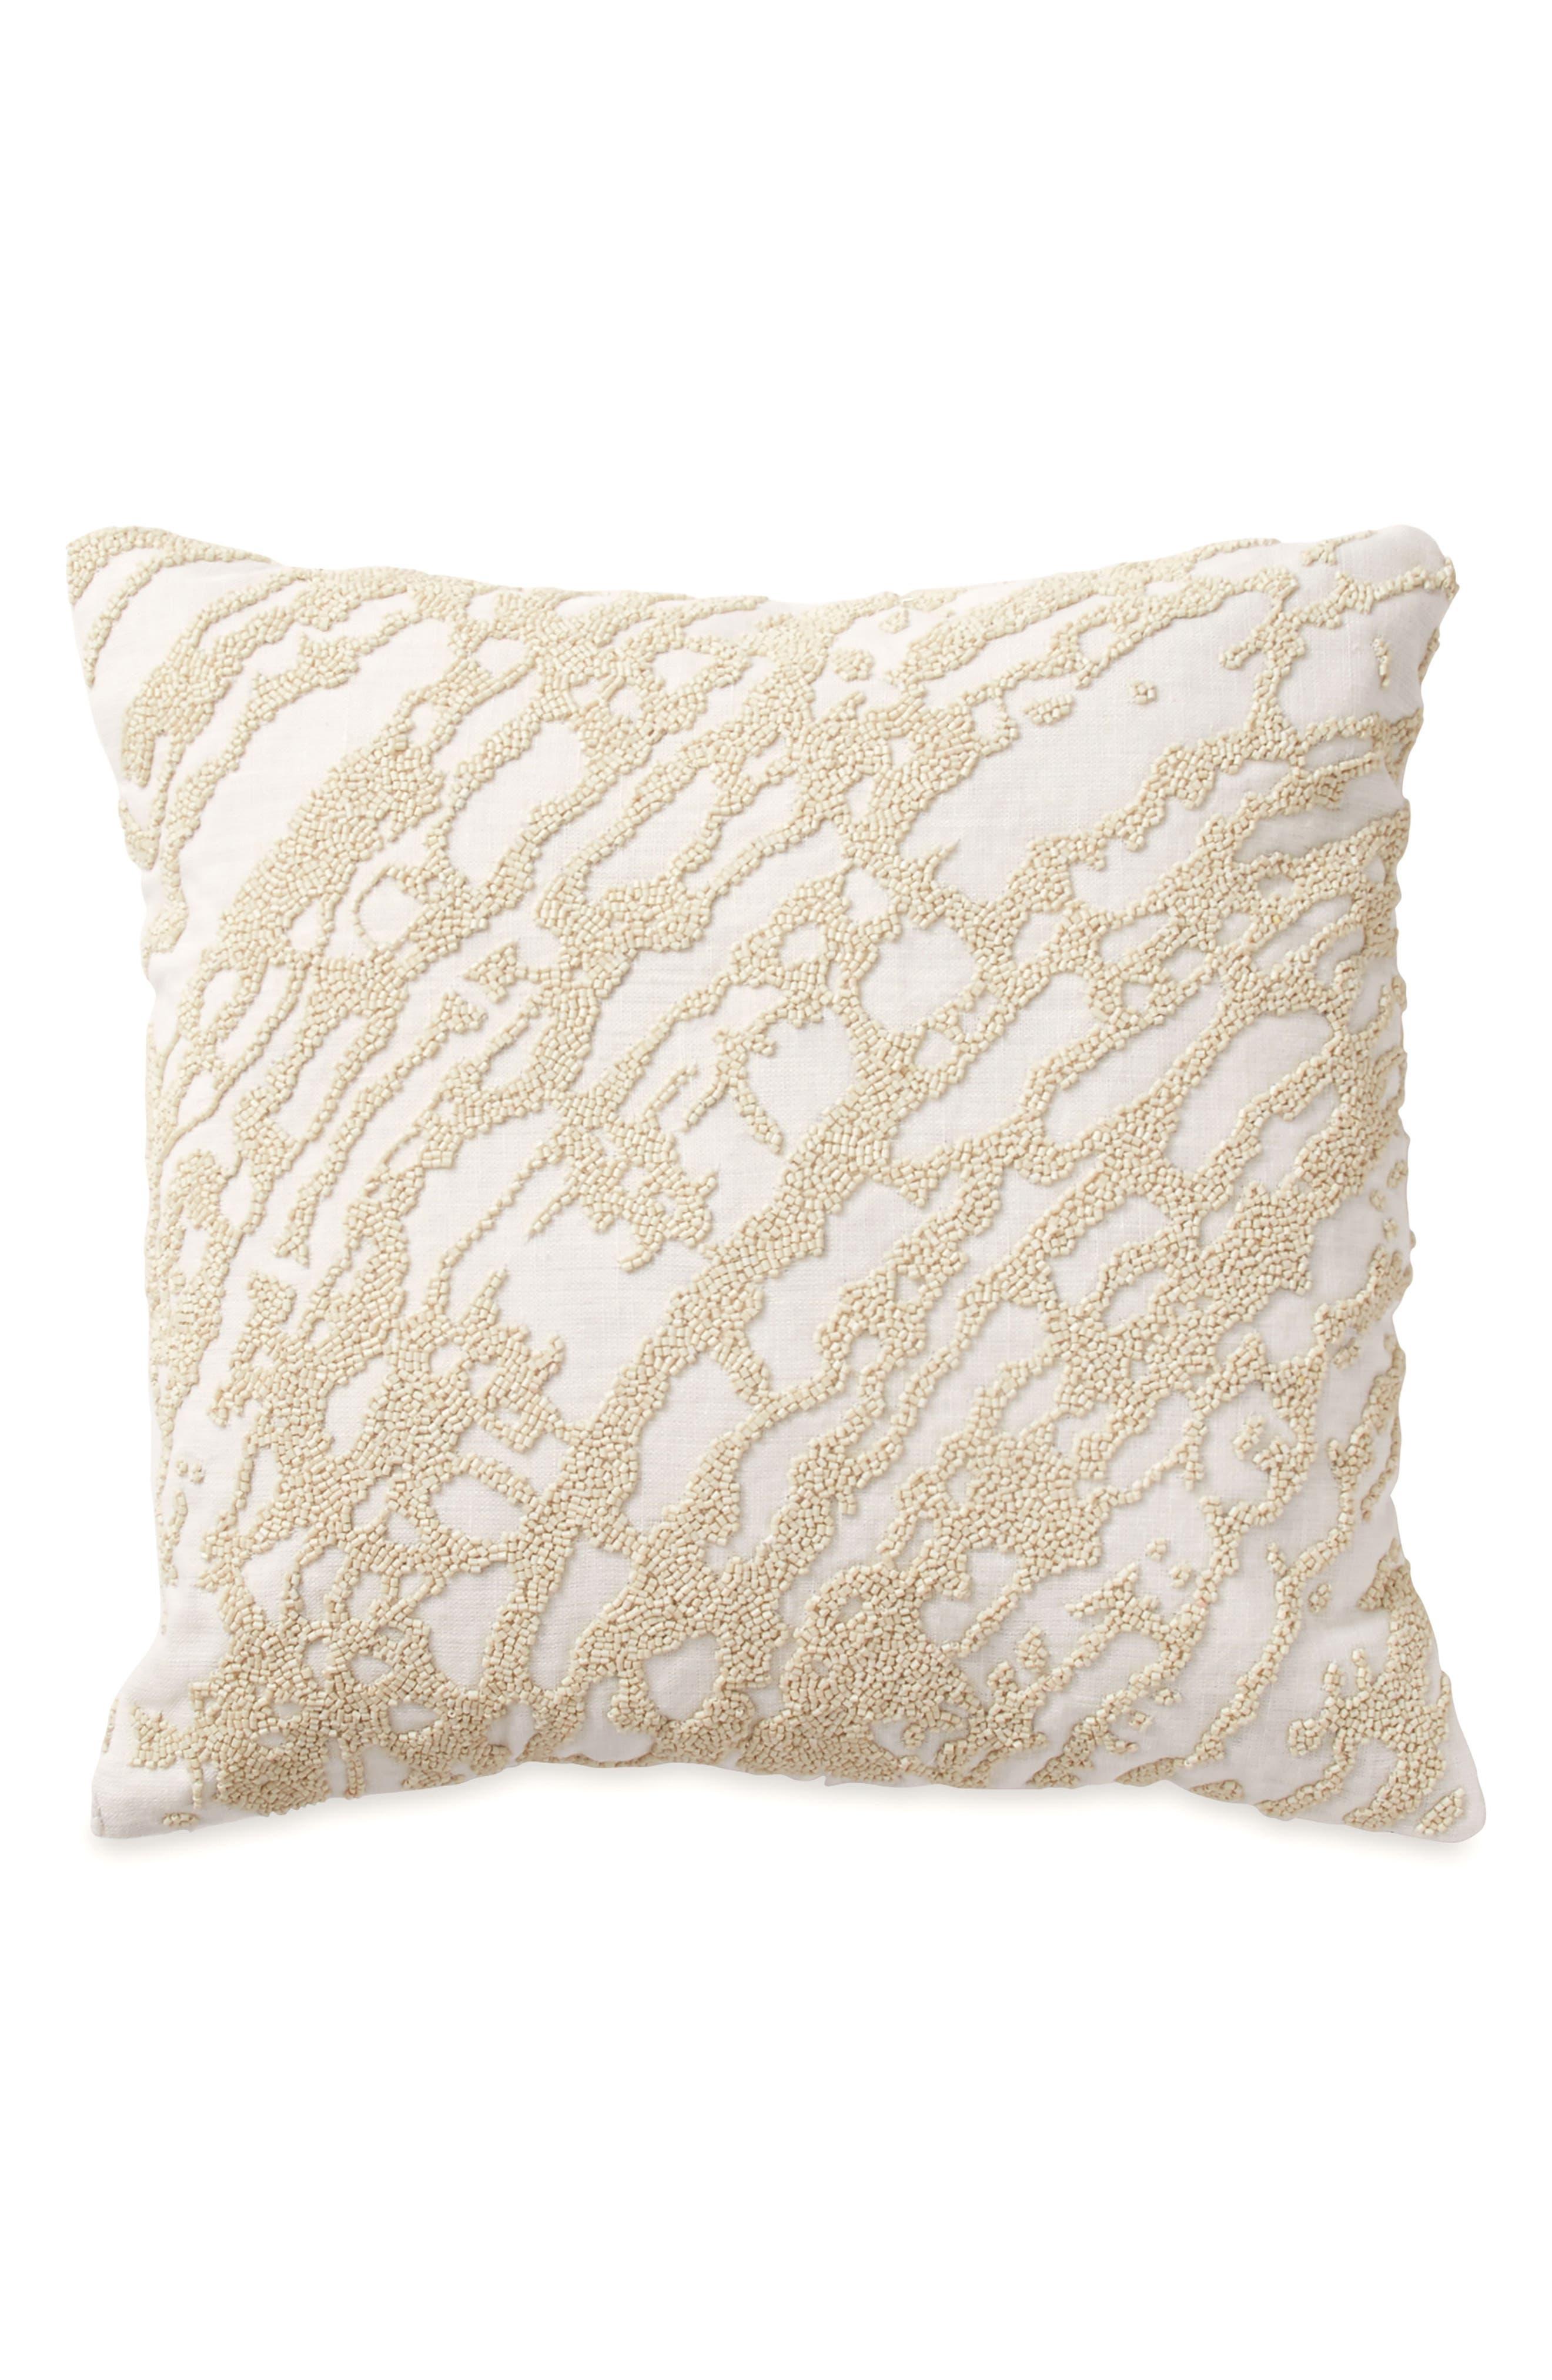 Donna Karan Rhythm Accent Pillow